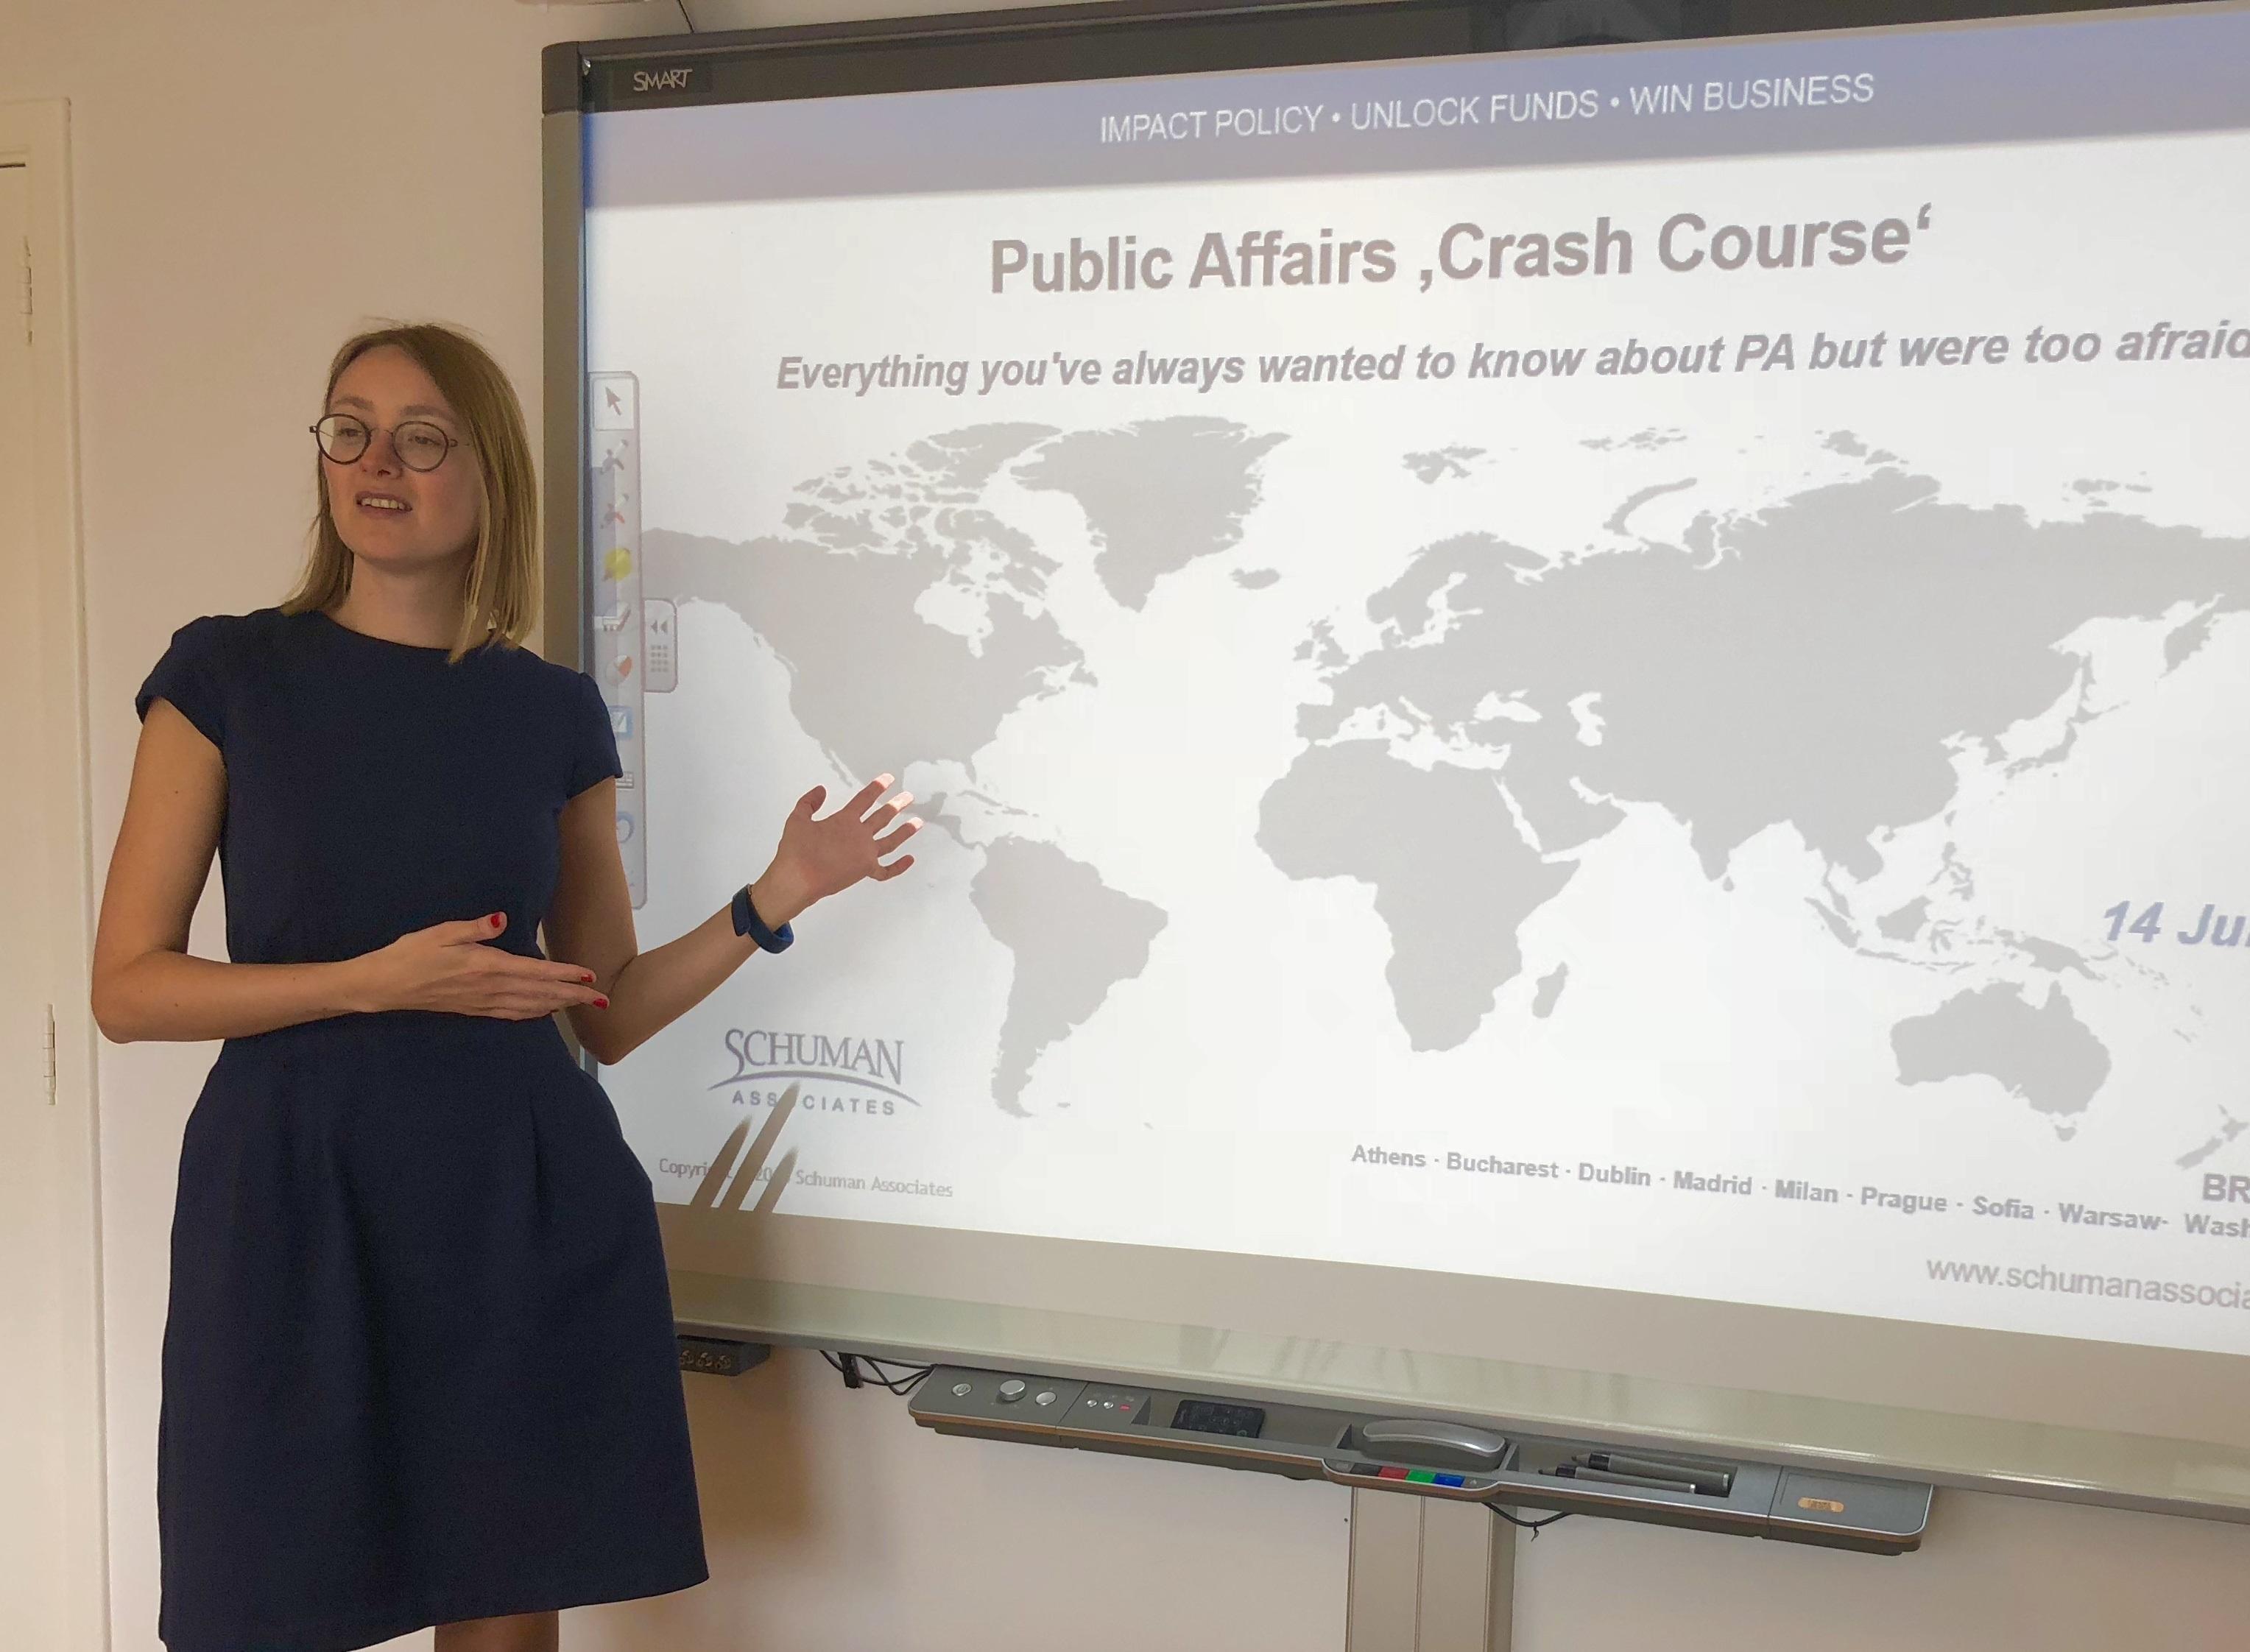 Public Affairs Training Courses